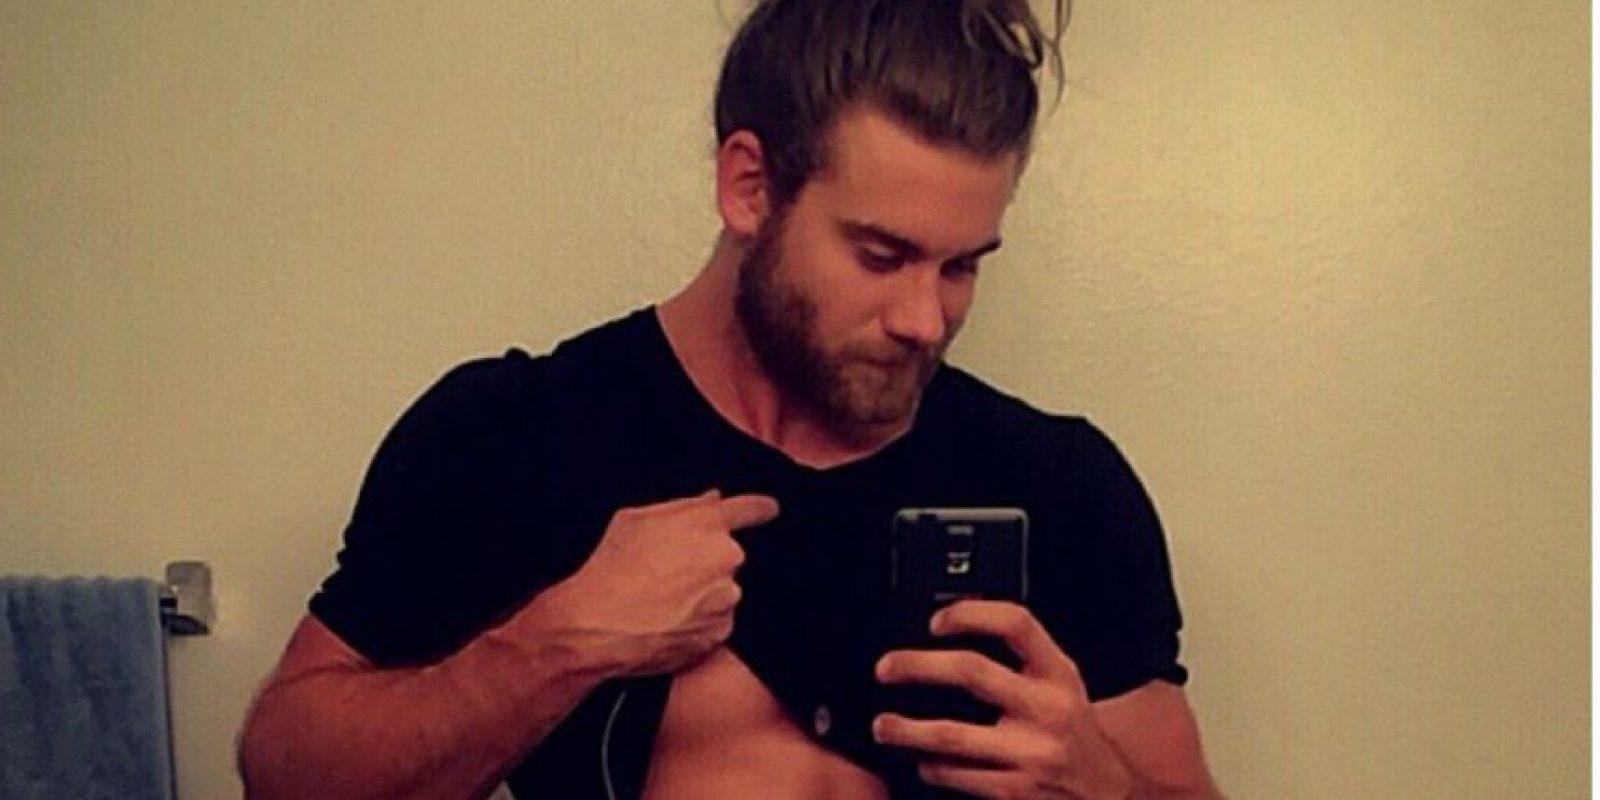 Brock O' Hurn es entrenador personal en Los Ángeles y se ha hecho famoso en Instagram por tener la apariencia de moda: barba y cabello recogido. Pero su apariencia le ha granjeado tener miles de seguidores en Instagram. Tiene 640 mil. Foto:Instagram/Brock O' Hurn